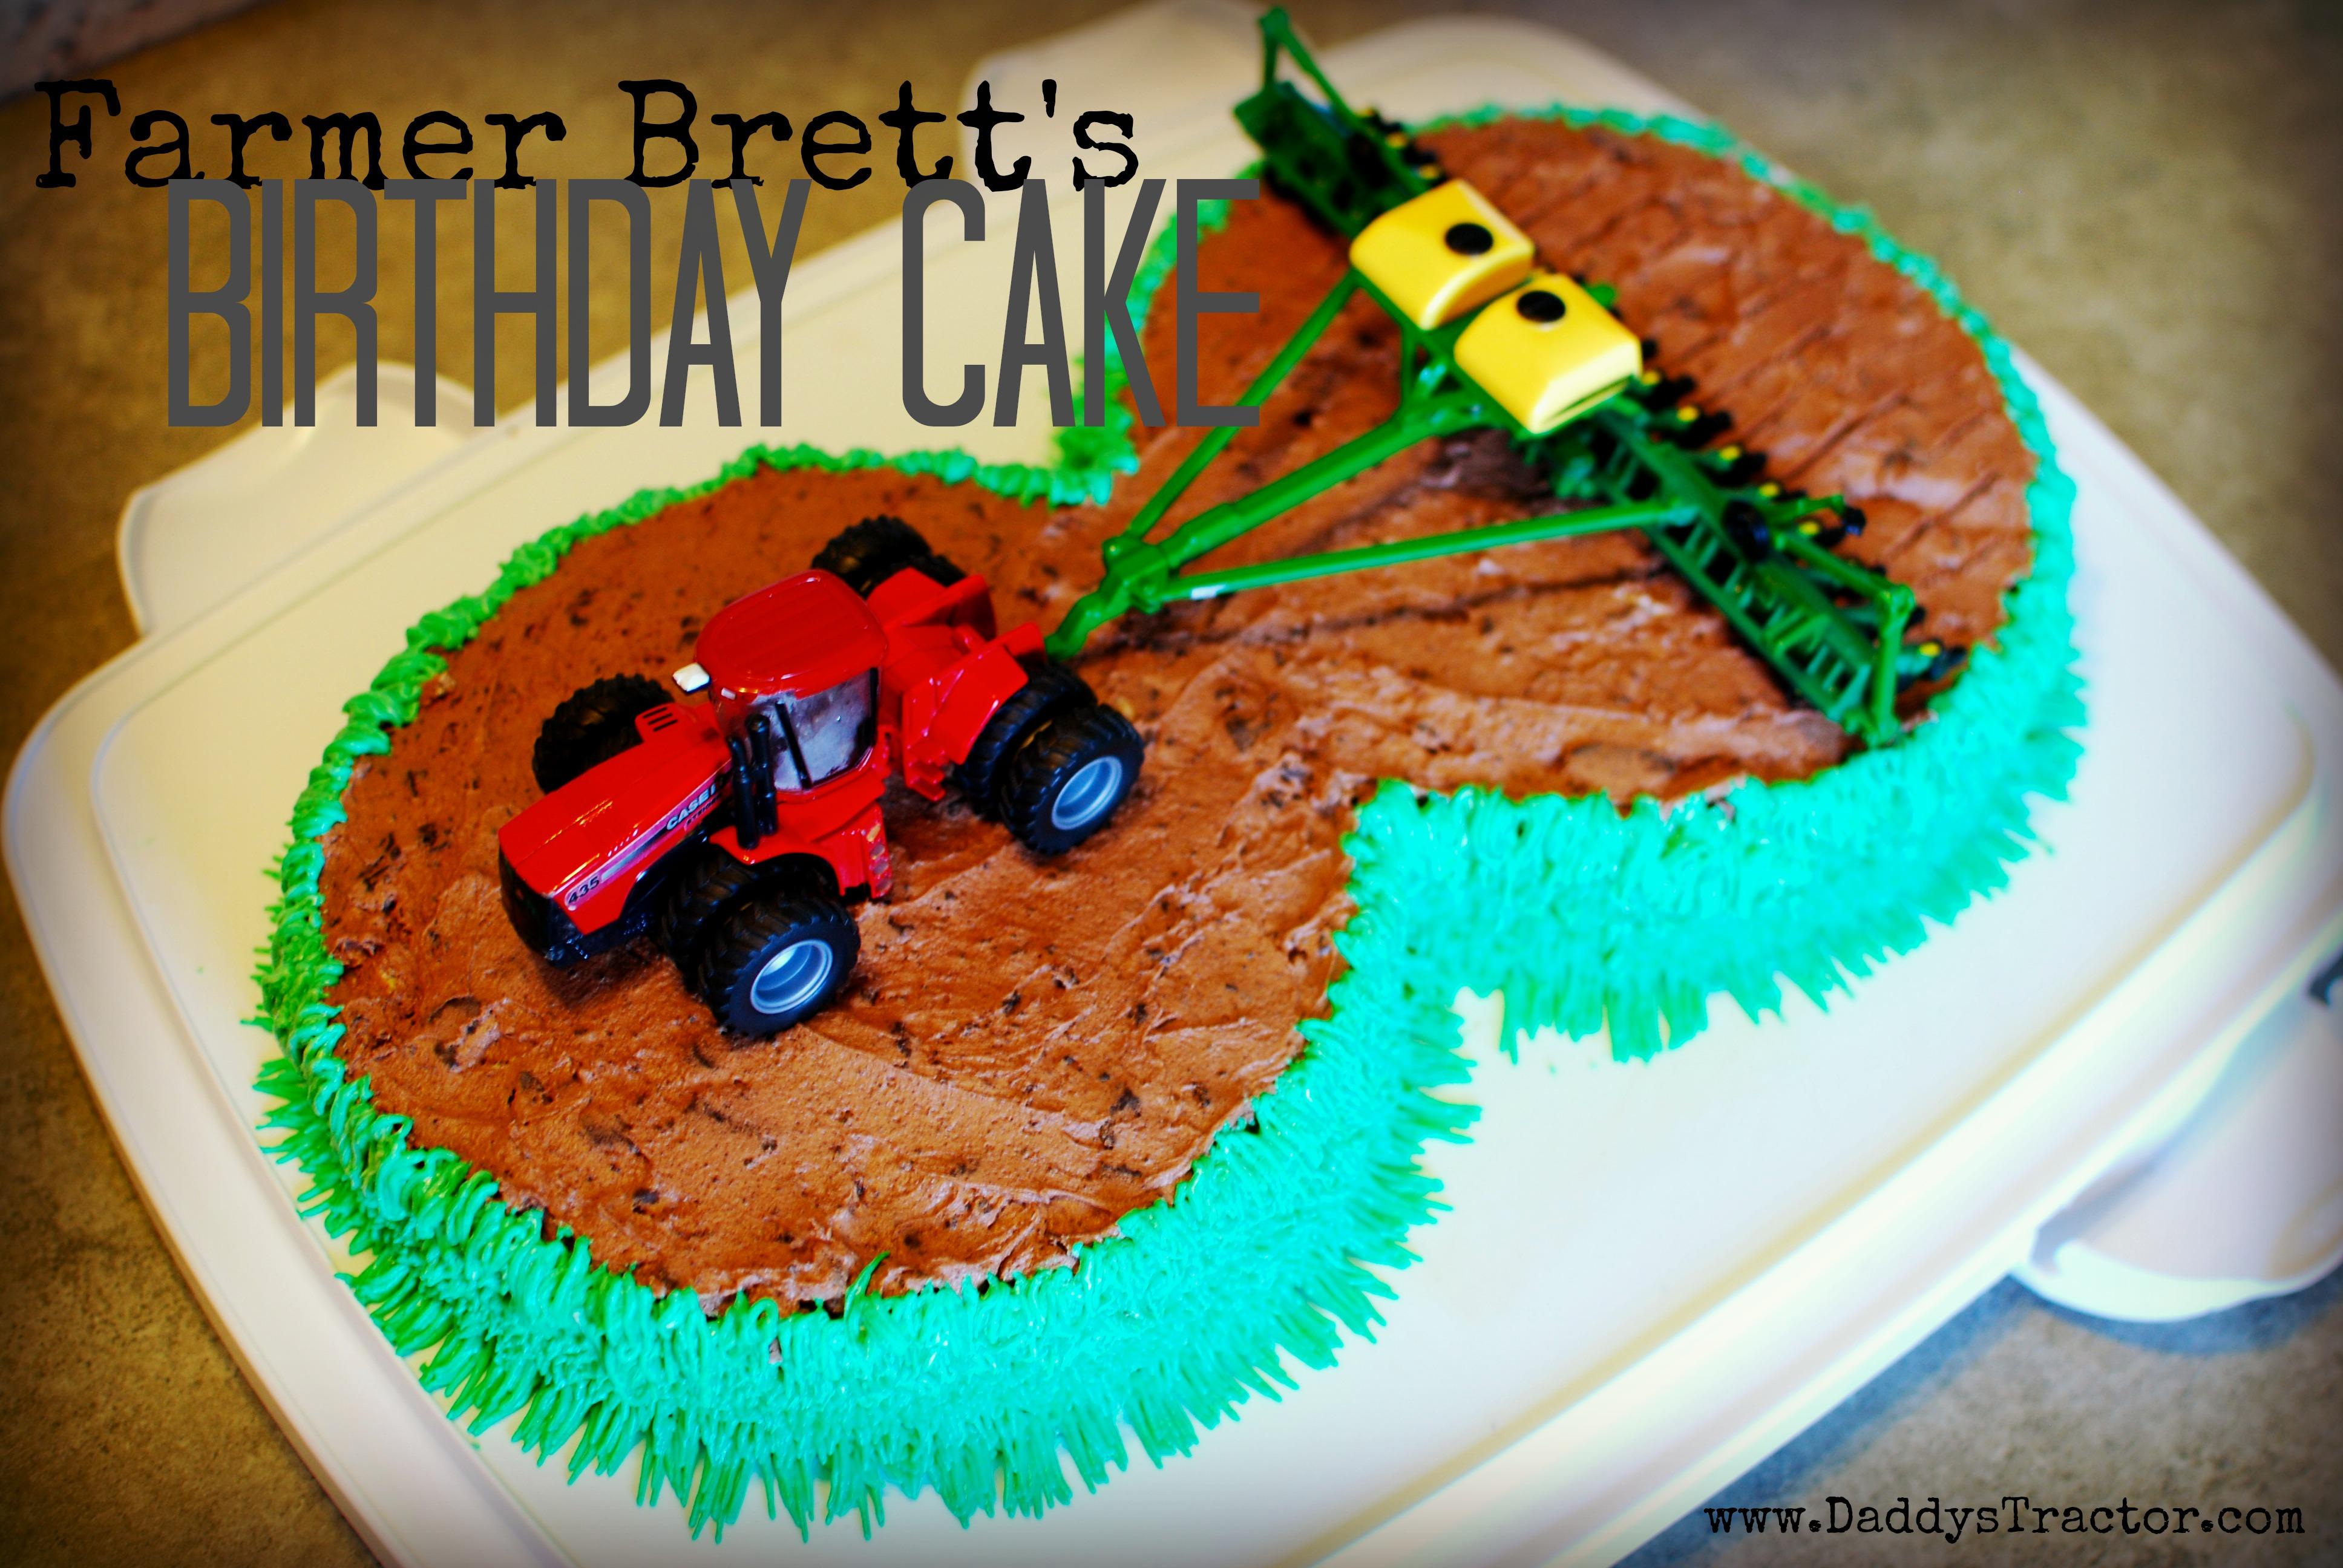 Farmer Brett Birthday Cake Daddys Tractor